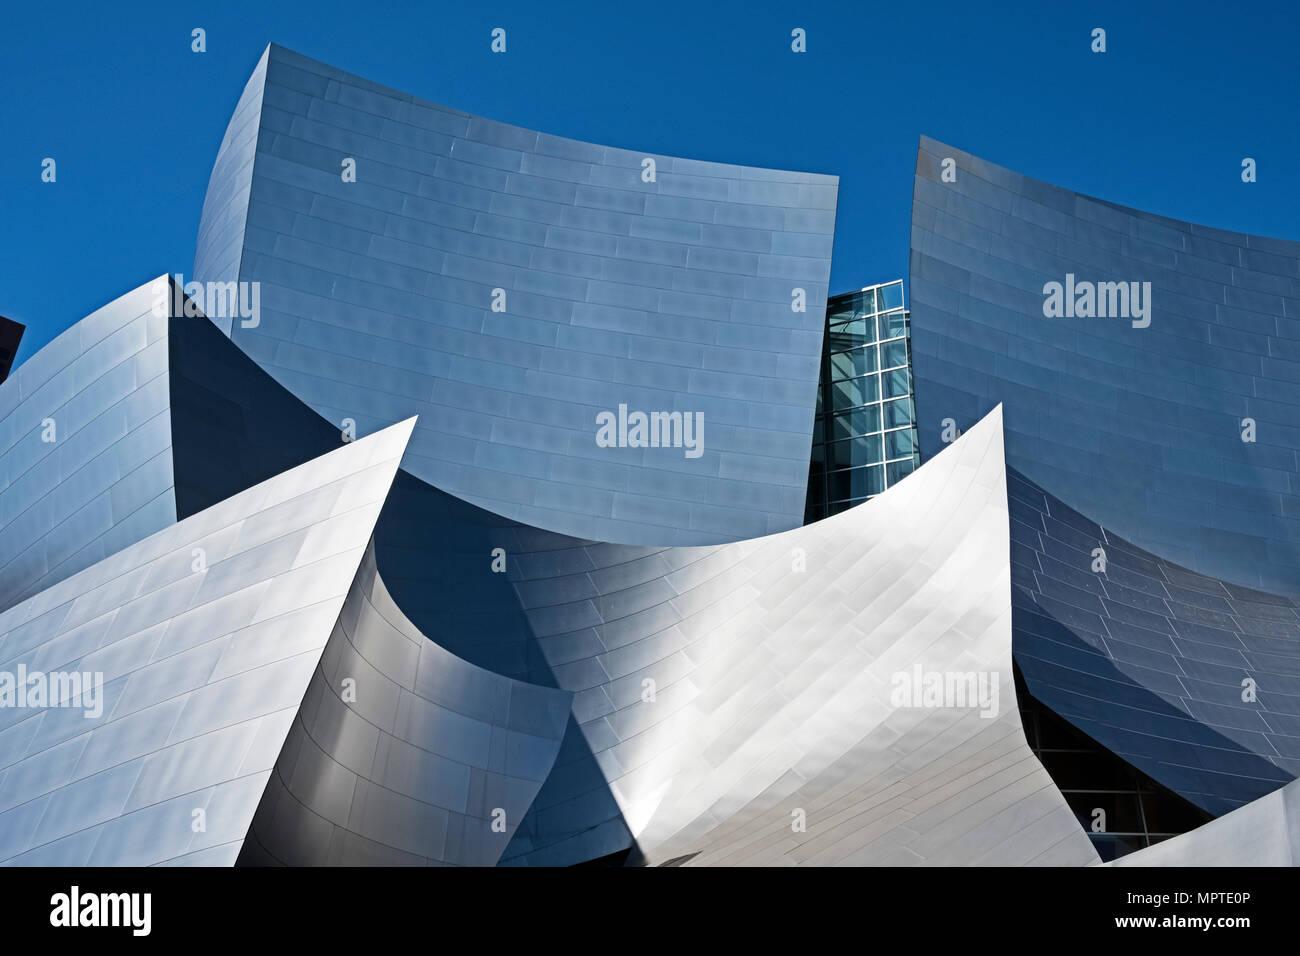 LOS ANGELES, USA - 5. MÄRZ 2018: Der Walt Disney Philharmonie, entworfen von Frank Gehry ist einer modernen Architektur Sehenswürdigkeiten in Los Angeles. Stockfoto